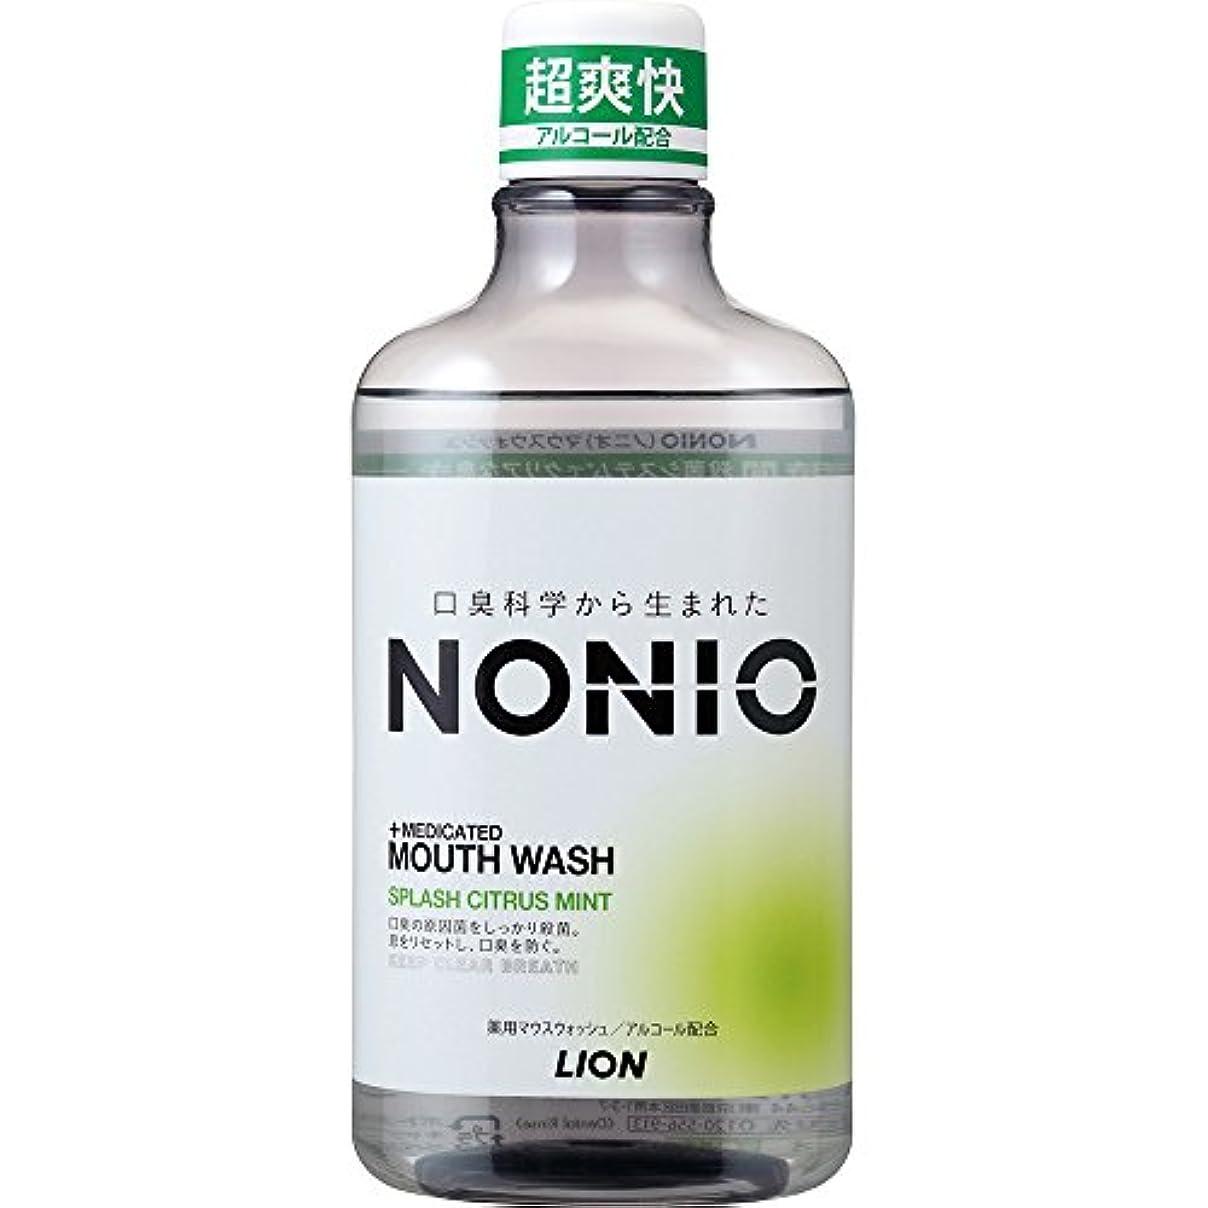 マキシム航空会社はず[医薬部外品]NONIO マウスウォッシュ スプラッシュシトラスミント 600ml 洗口液